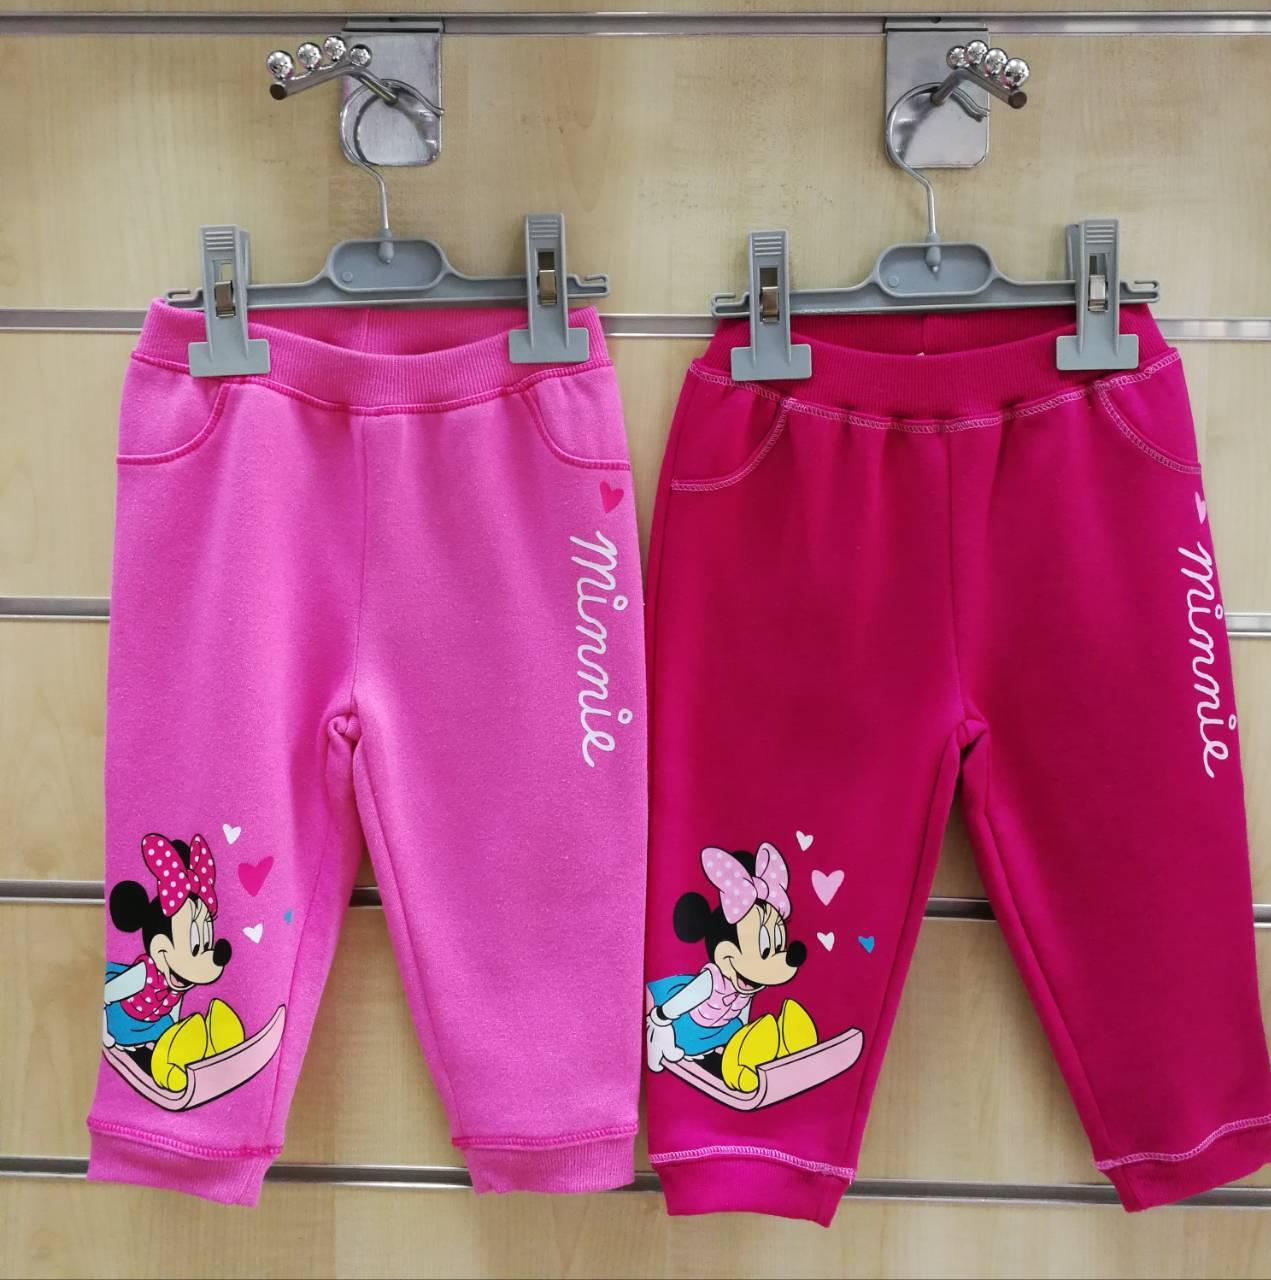 Трикотажные спортивные штаны для девочек Disney 68-86 р.р.